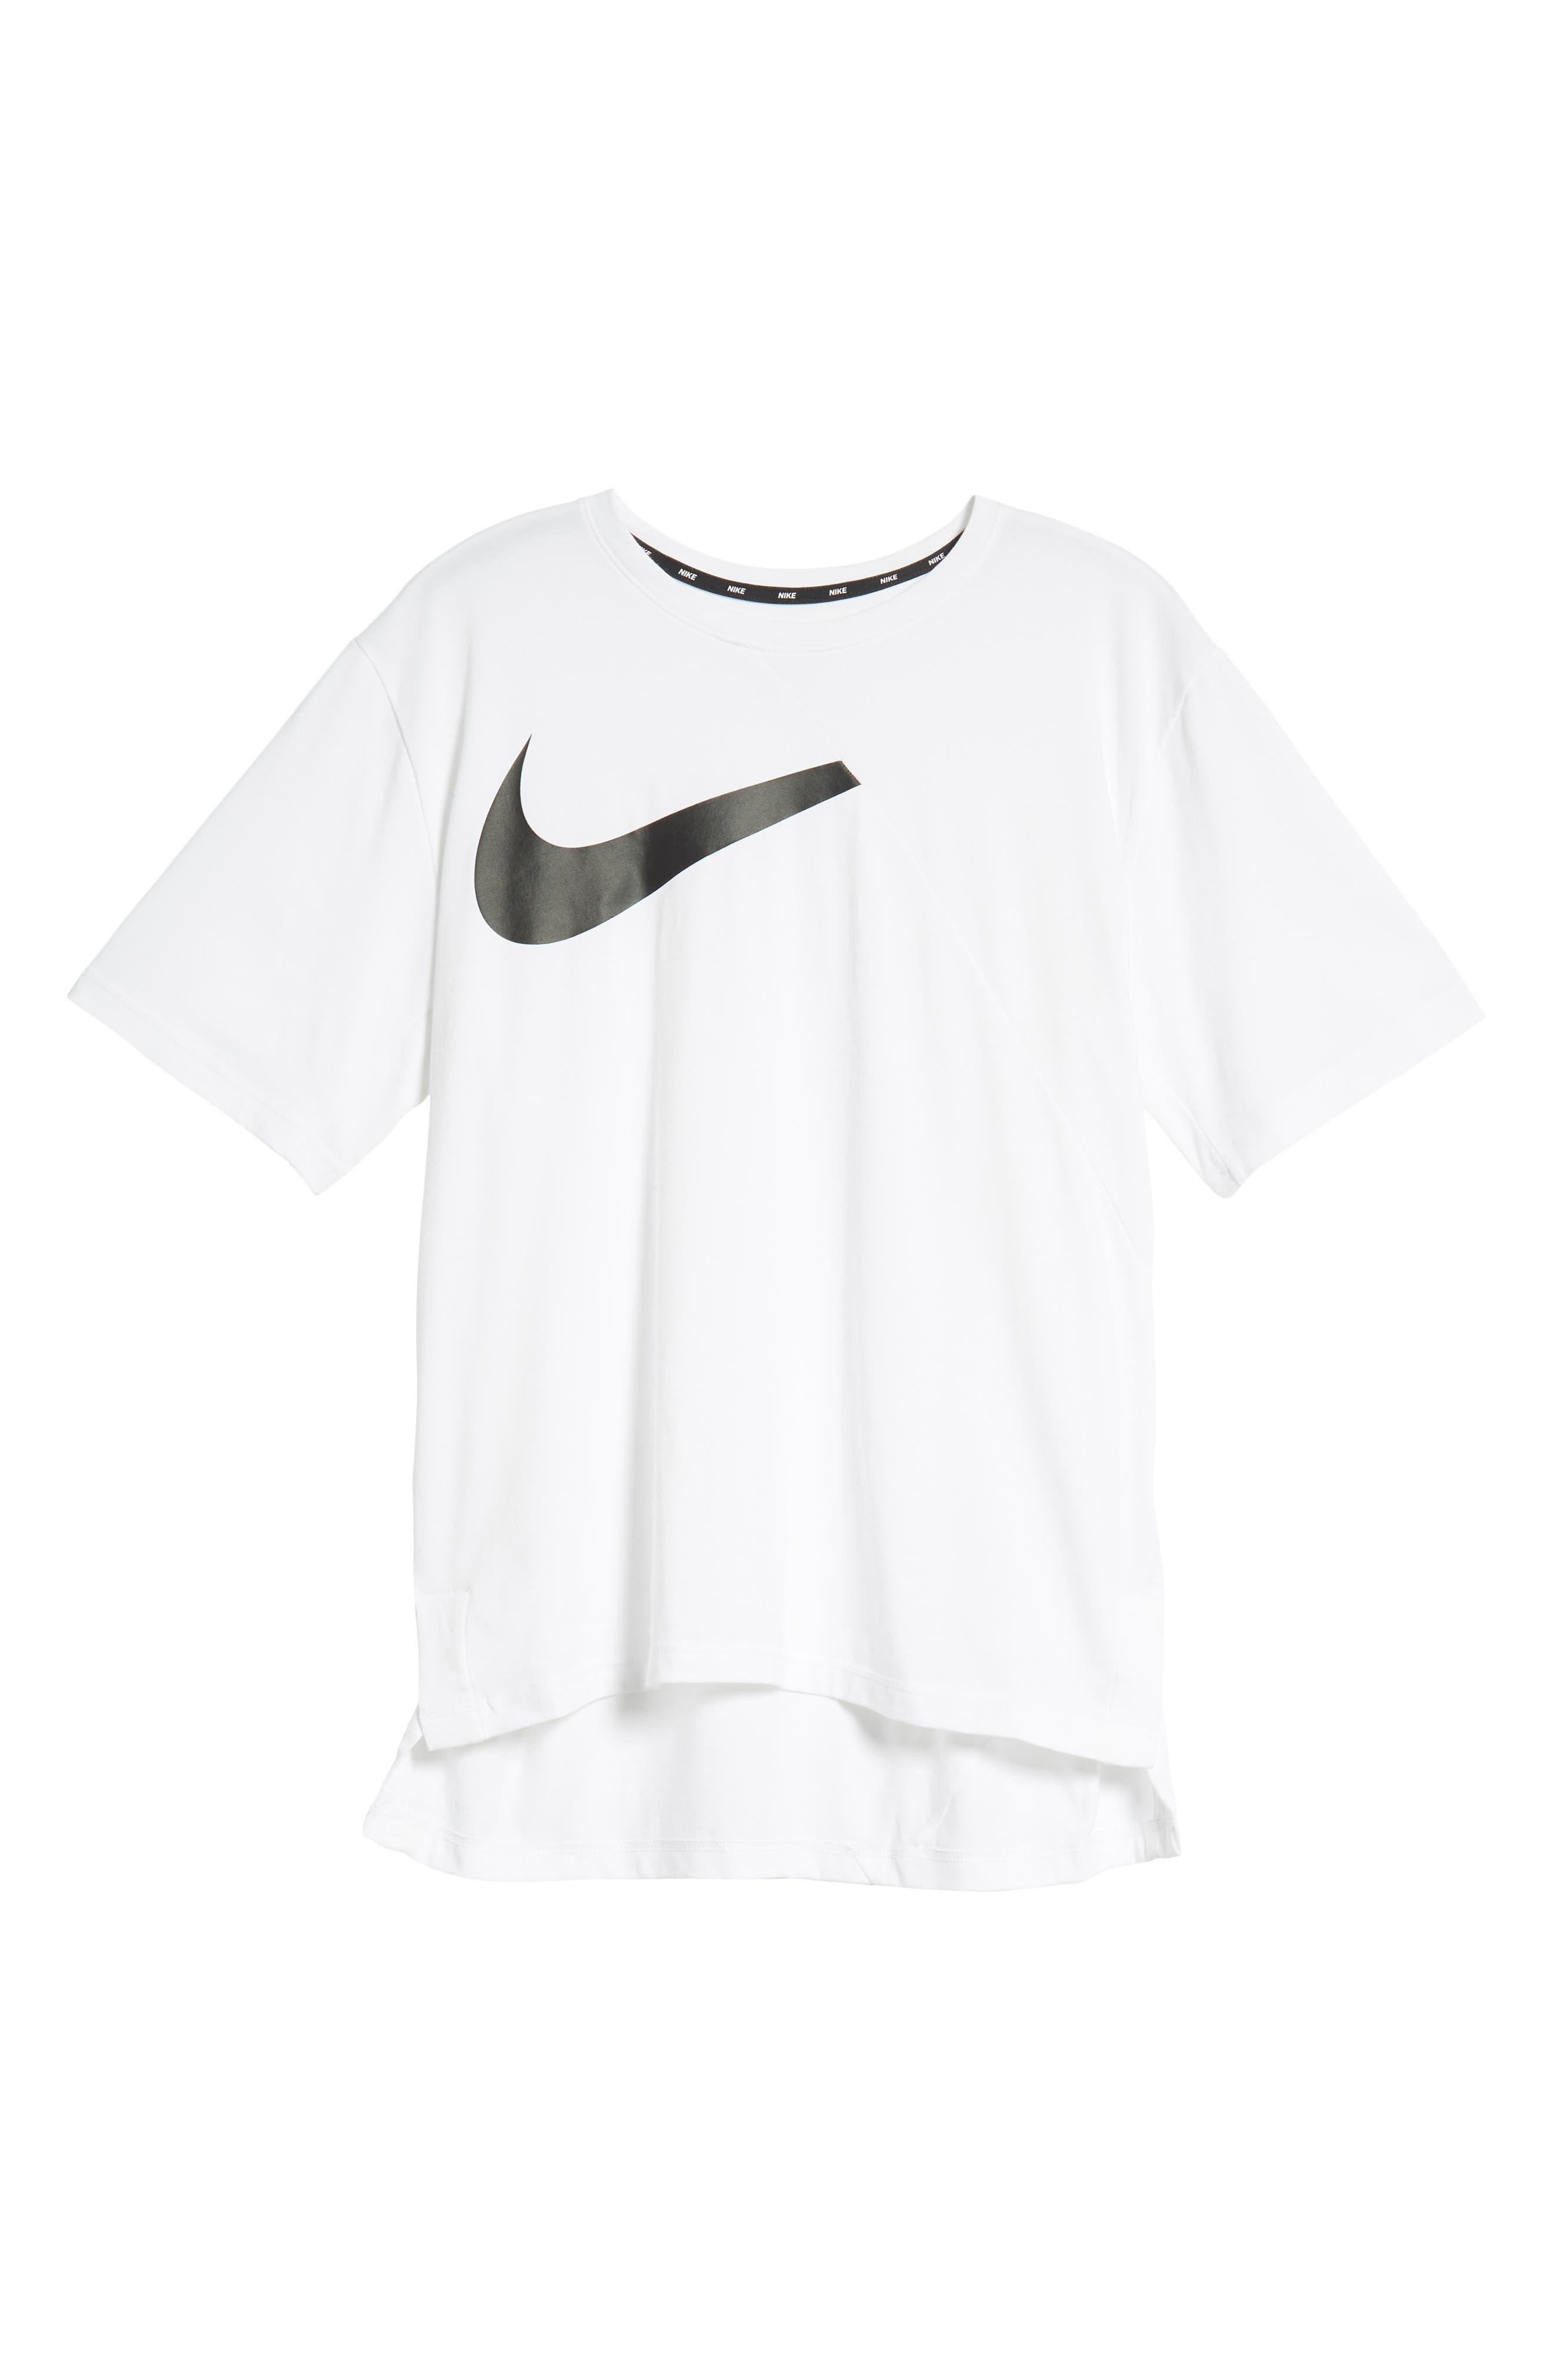 NIKE,                             Dry Performance T-Shirt,                             Alternate thumbnail 6, color,                             WHITE/ BLACK